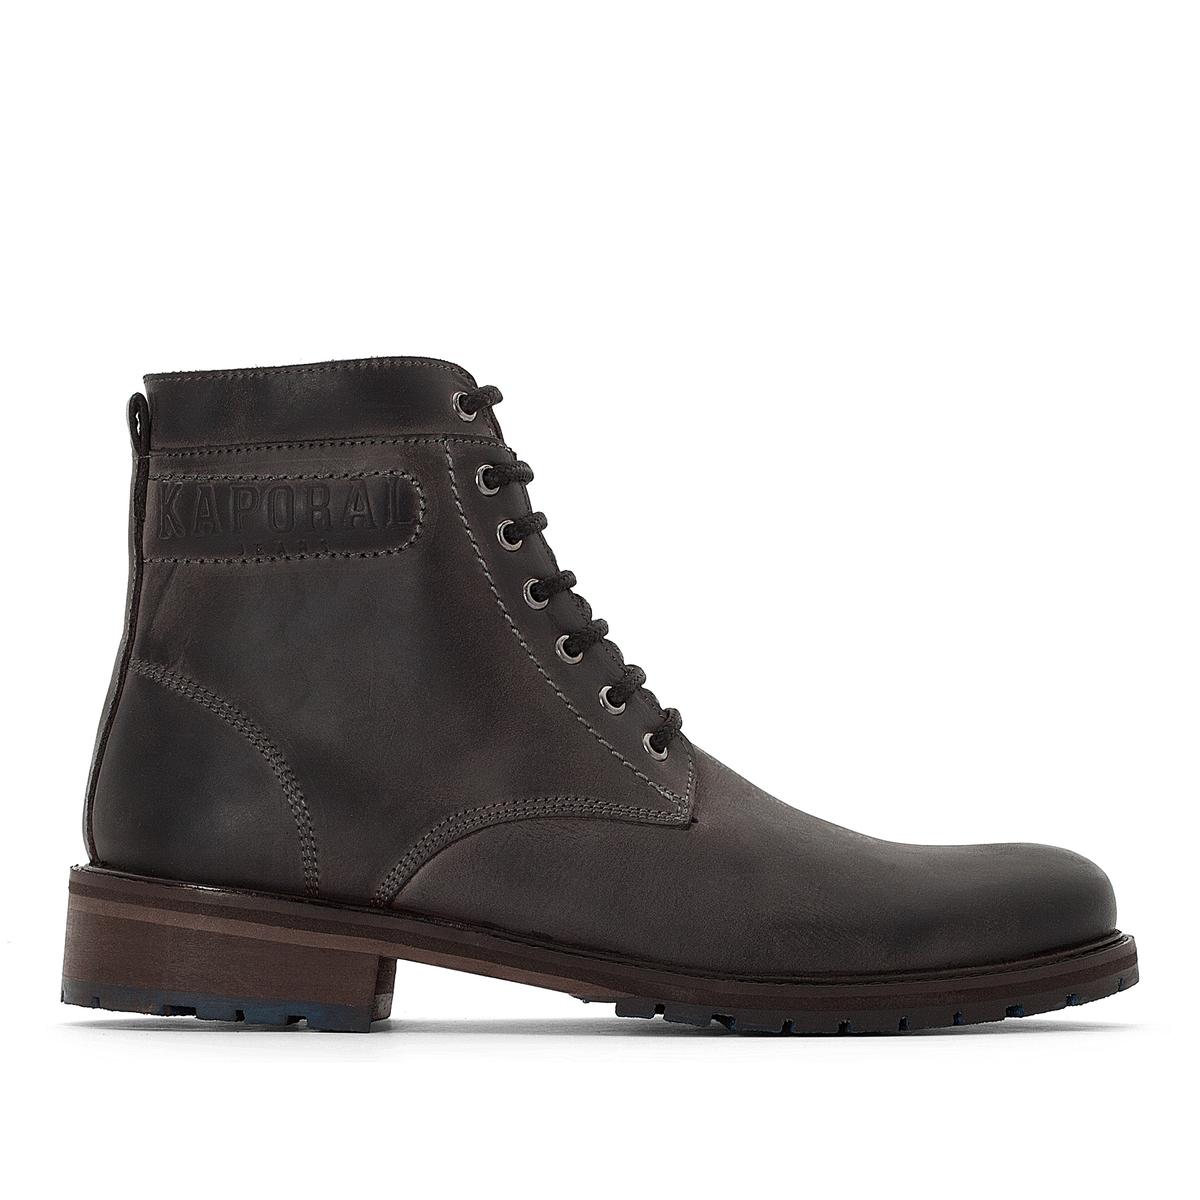 Ботинки кожаные LINO KAPORAL 5